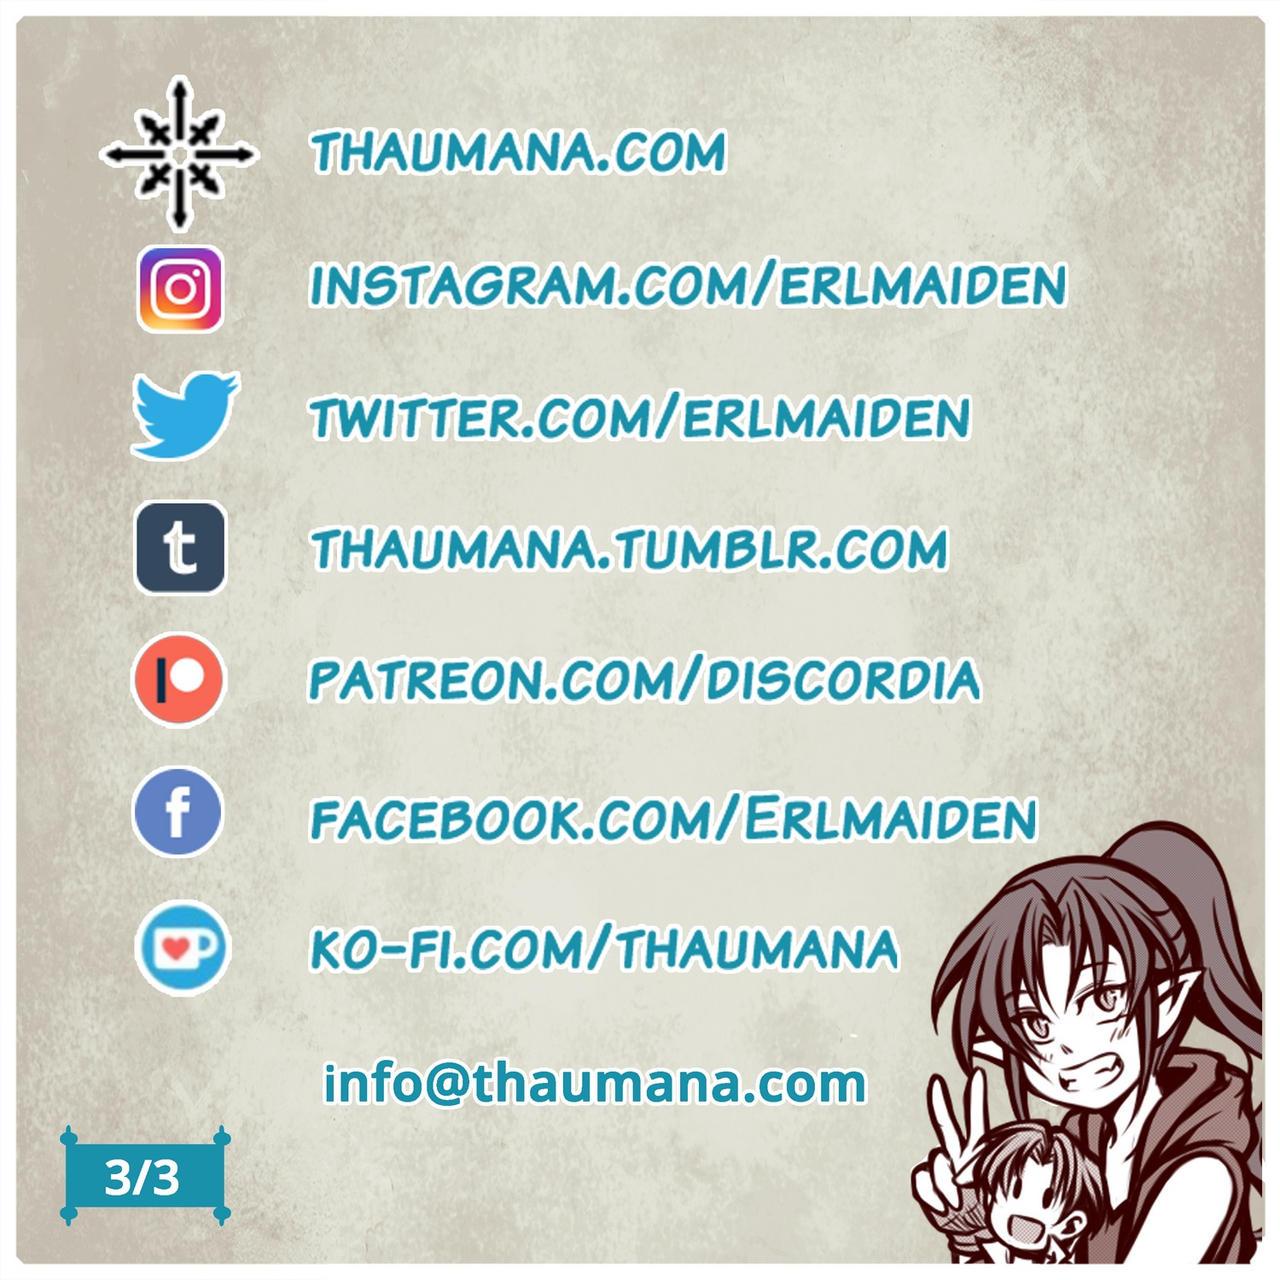 Erlmaiden Discordia ENG 02-social media